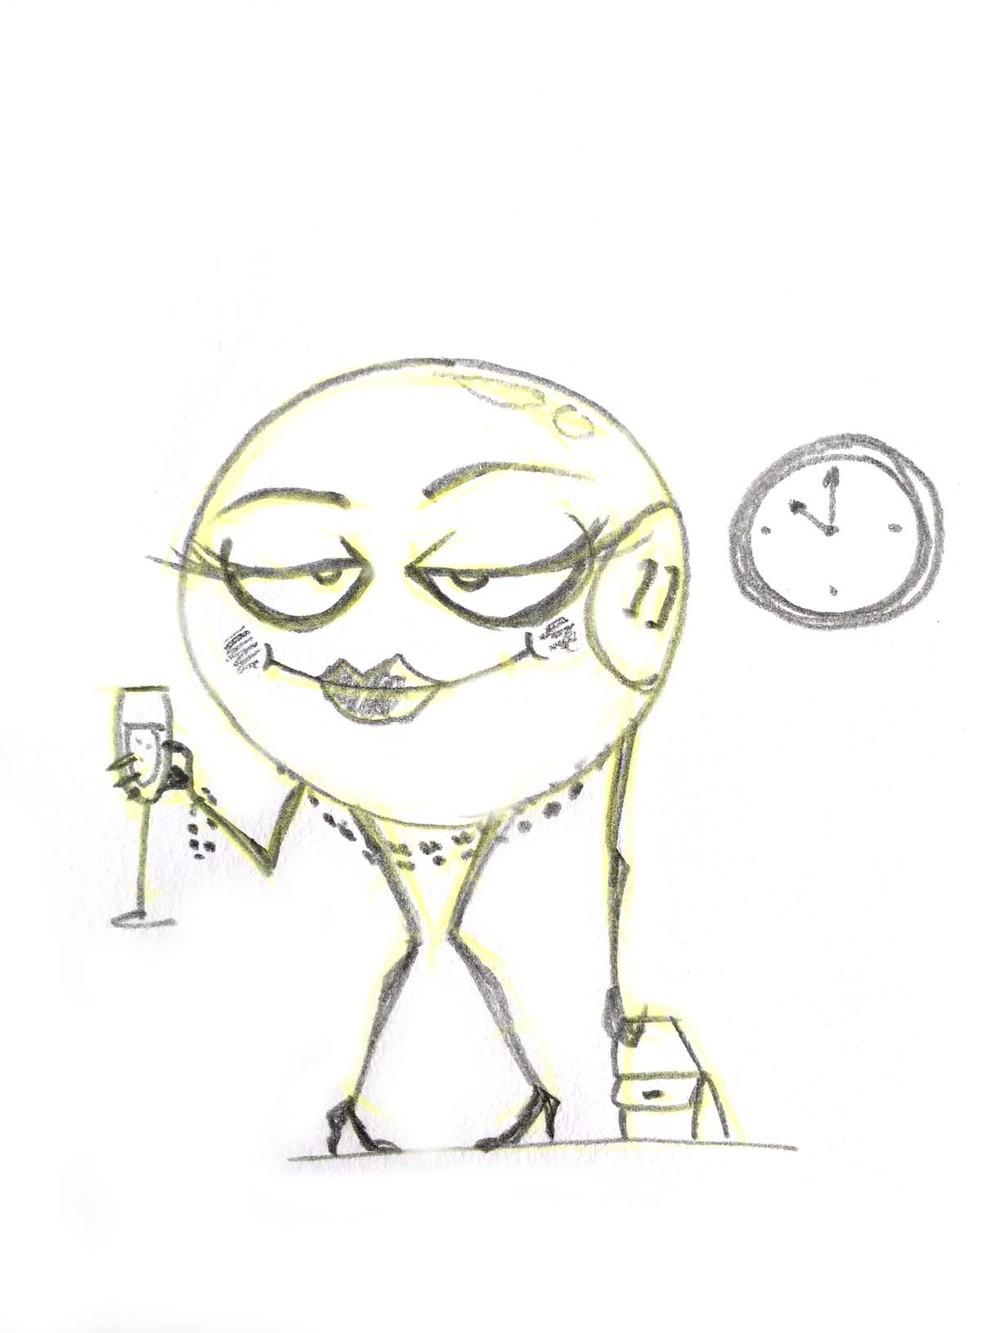 Bingo_Sketch_Legs11.jpg